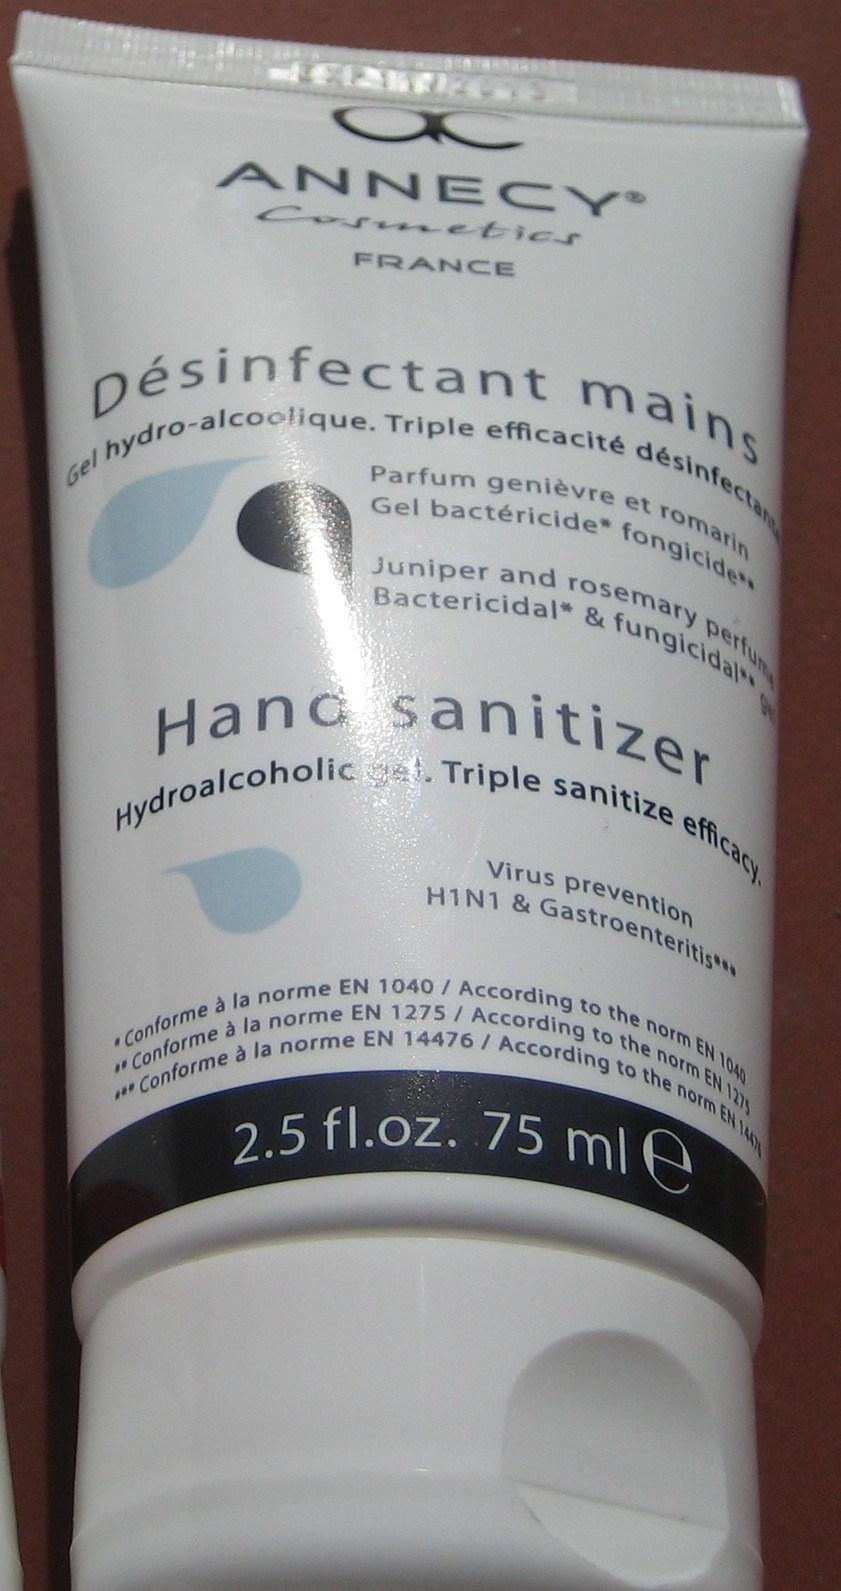 Annecy Cosmetics - Désinfectant pour les mains